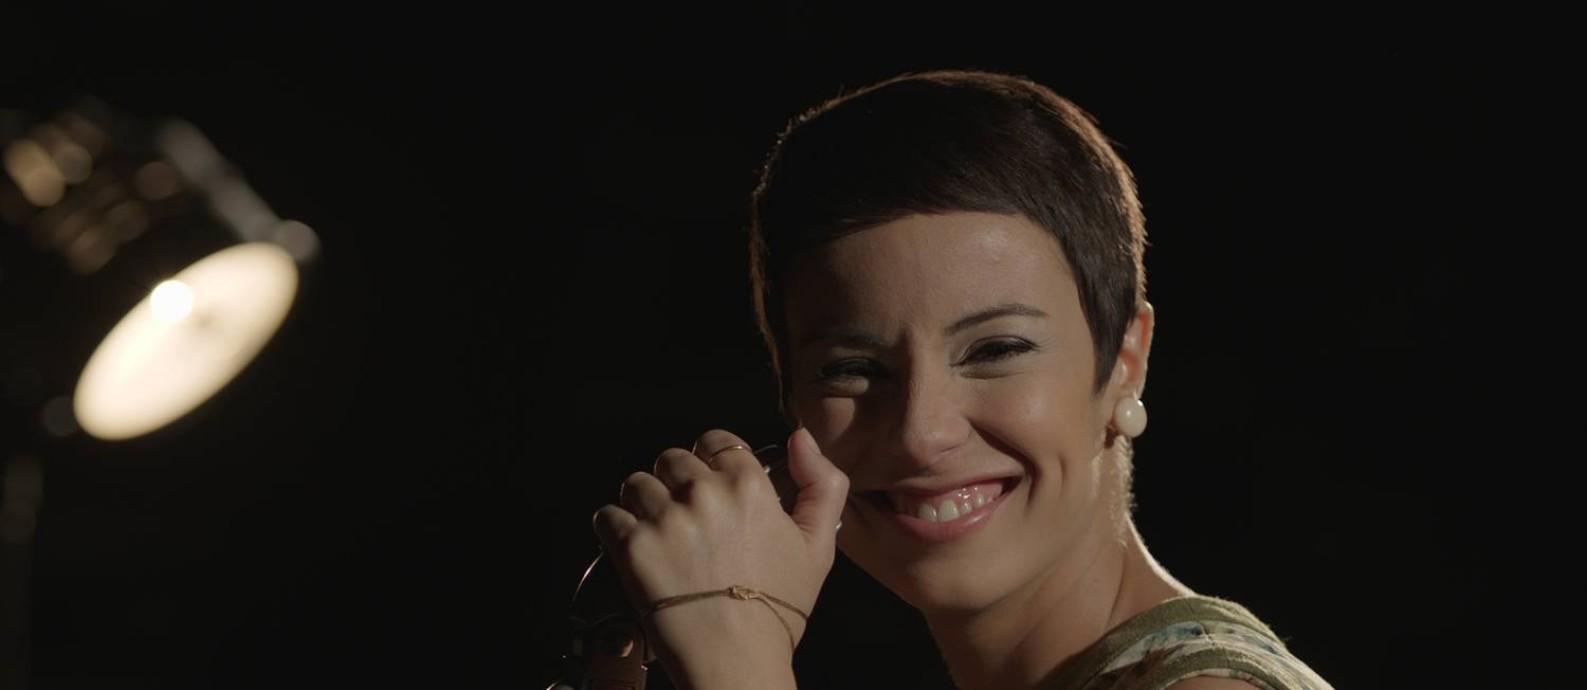 Andreia Horta Fotos Nua assista ao trailer do filme sobre elis regina, com andreia